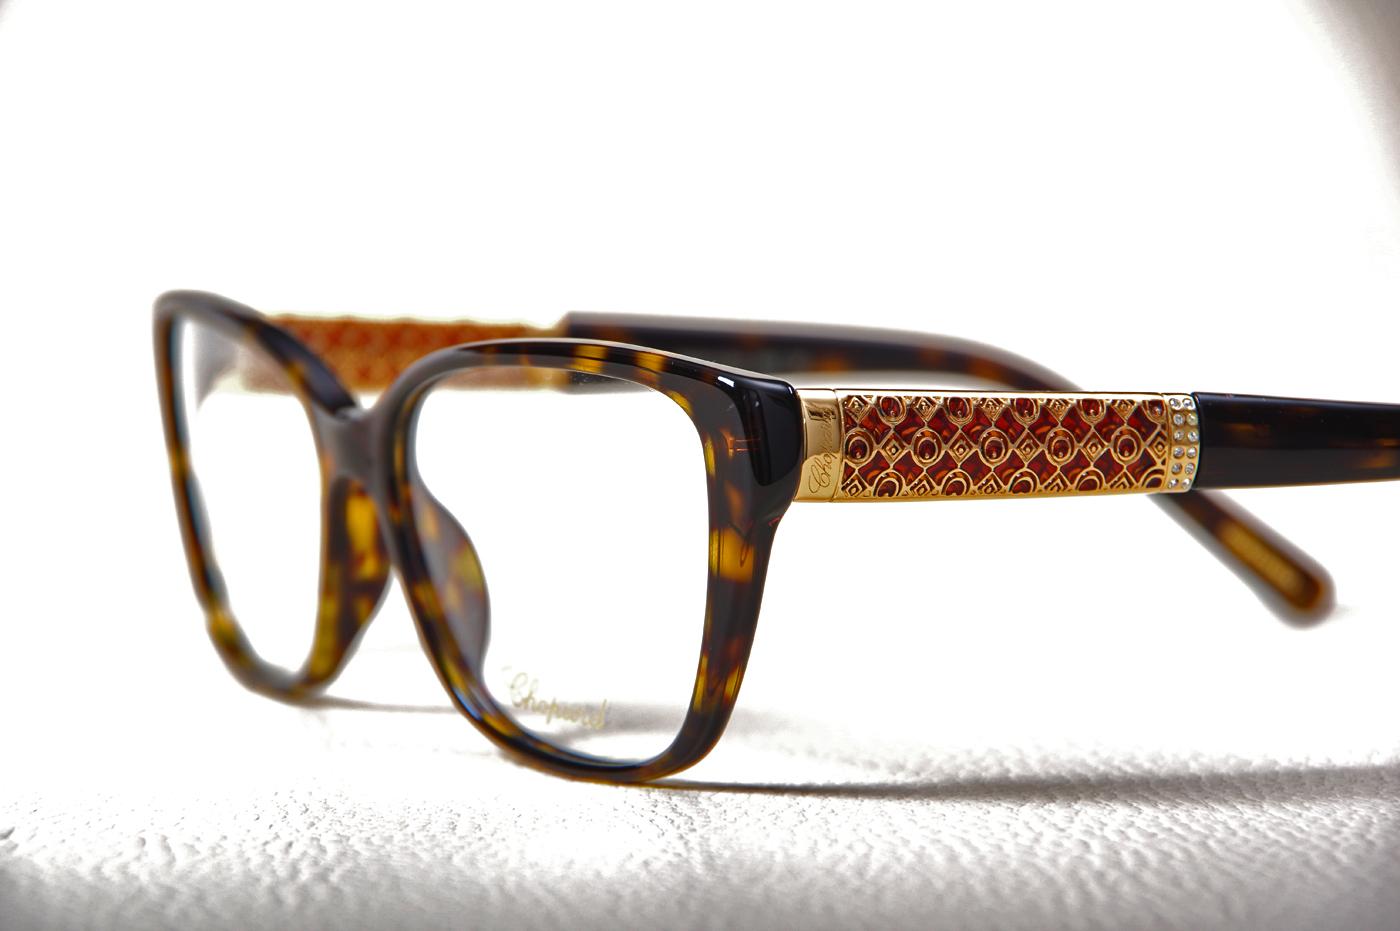 lunettes de vue pour femme chopard vch137 opticien haut de gamme sainte adresse optique. Black Bedroom Furniture Sets. Home Design Ideas